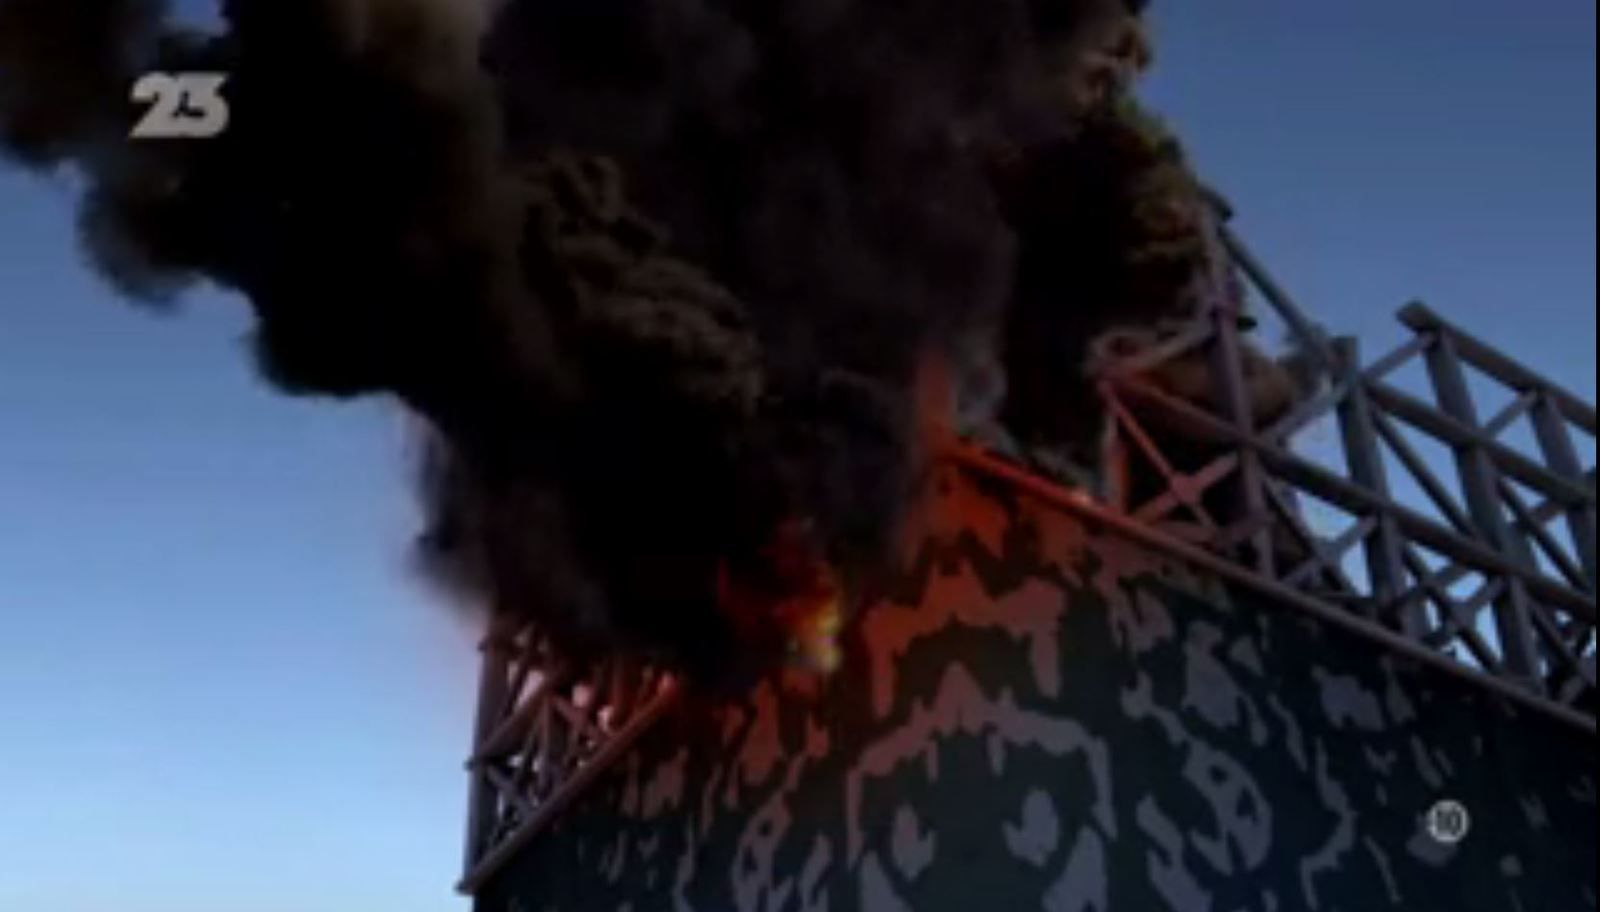 Incendie de l'unité 1 de Fukushima Daiichi qui n'a jamais eu lieu (capture d'écran du film « Accident nucléaire de Fukushima » de Steve Webb